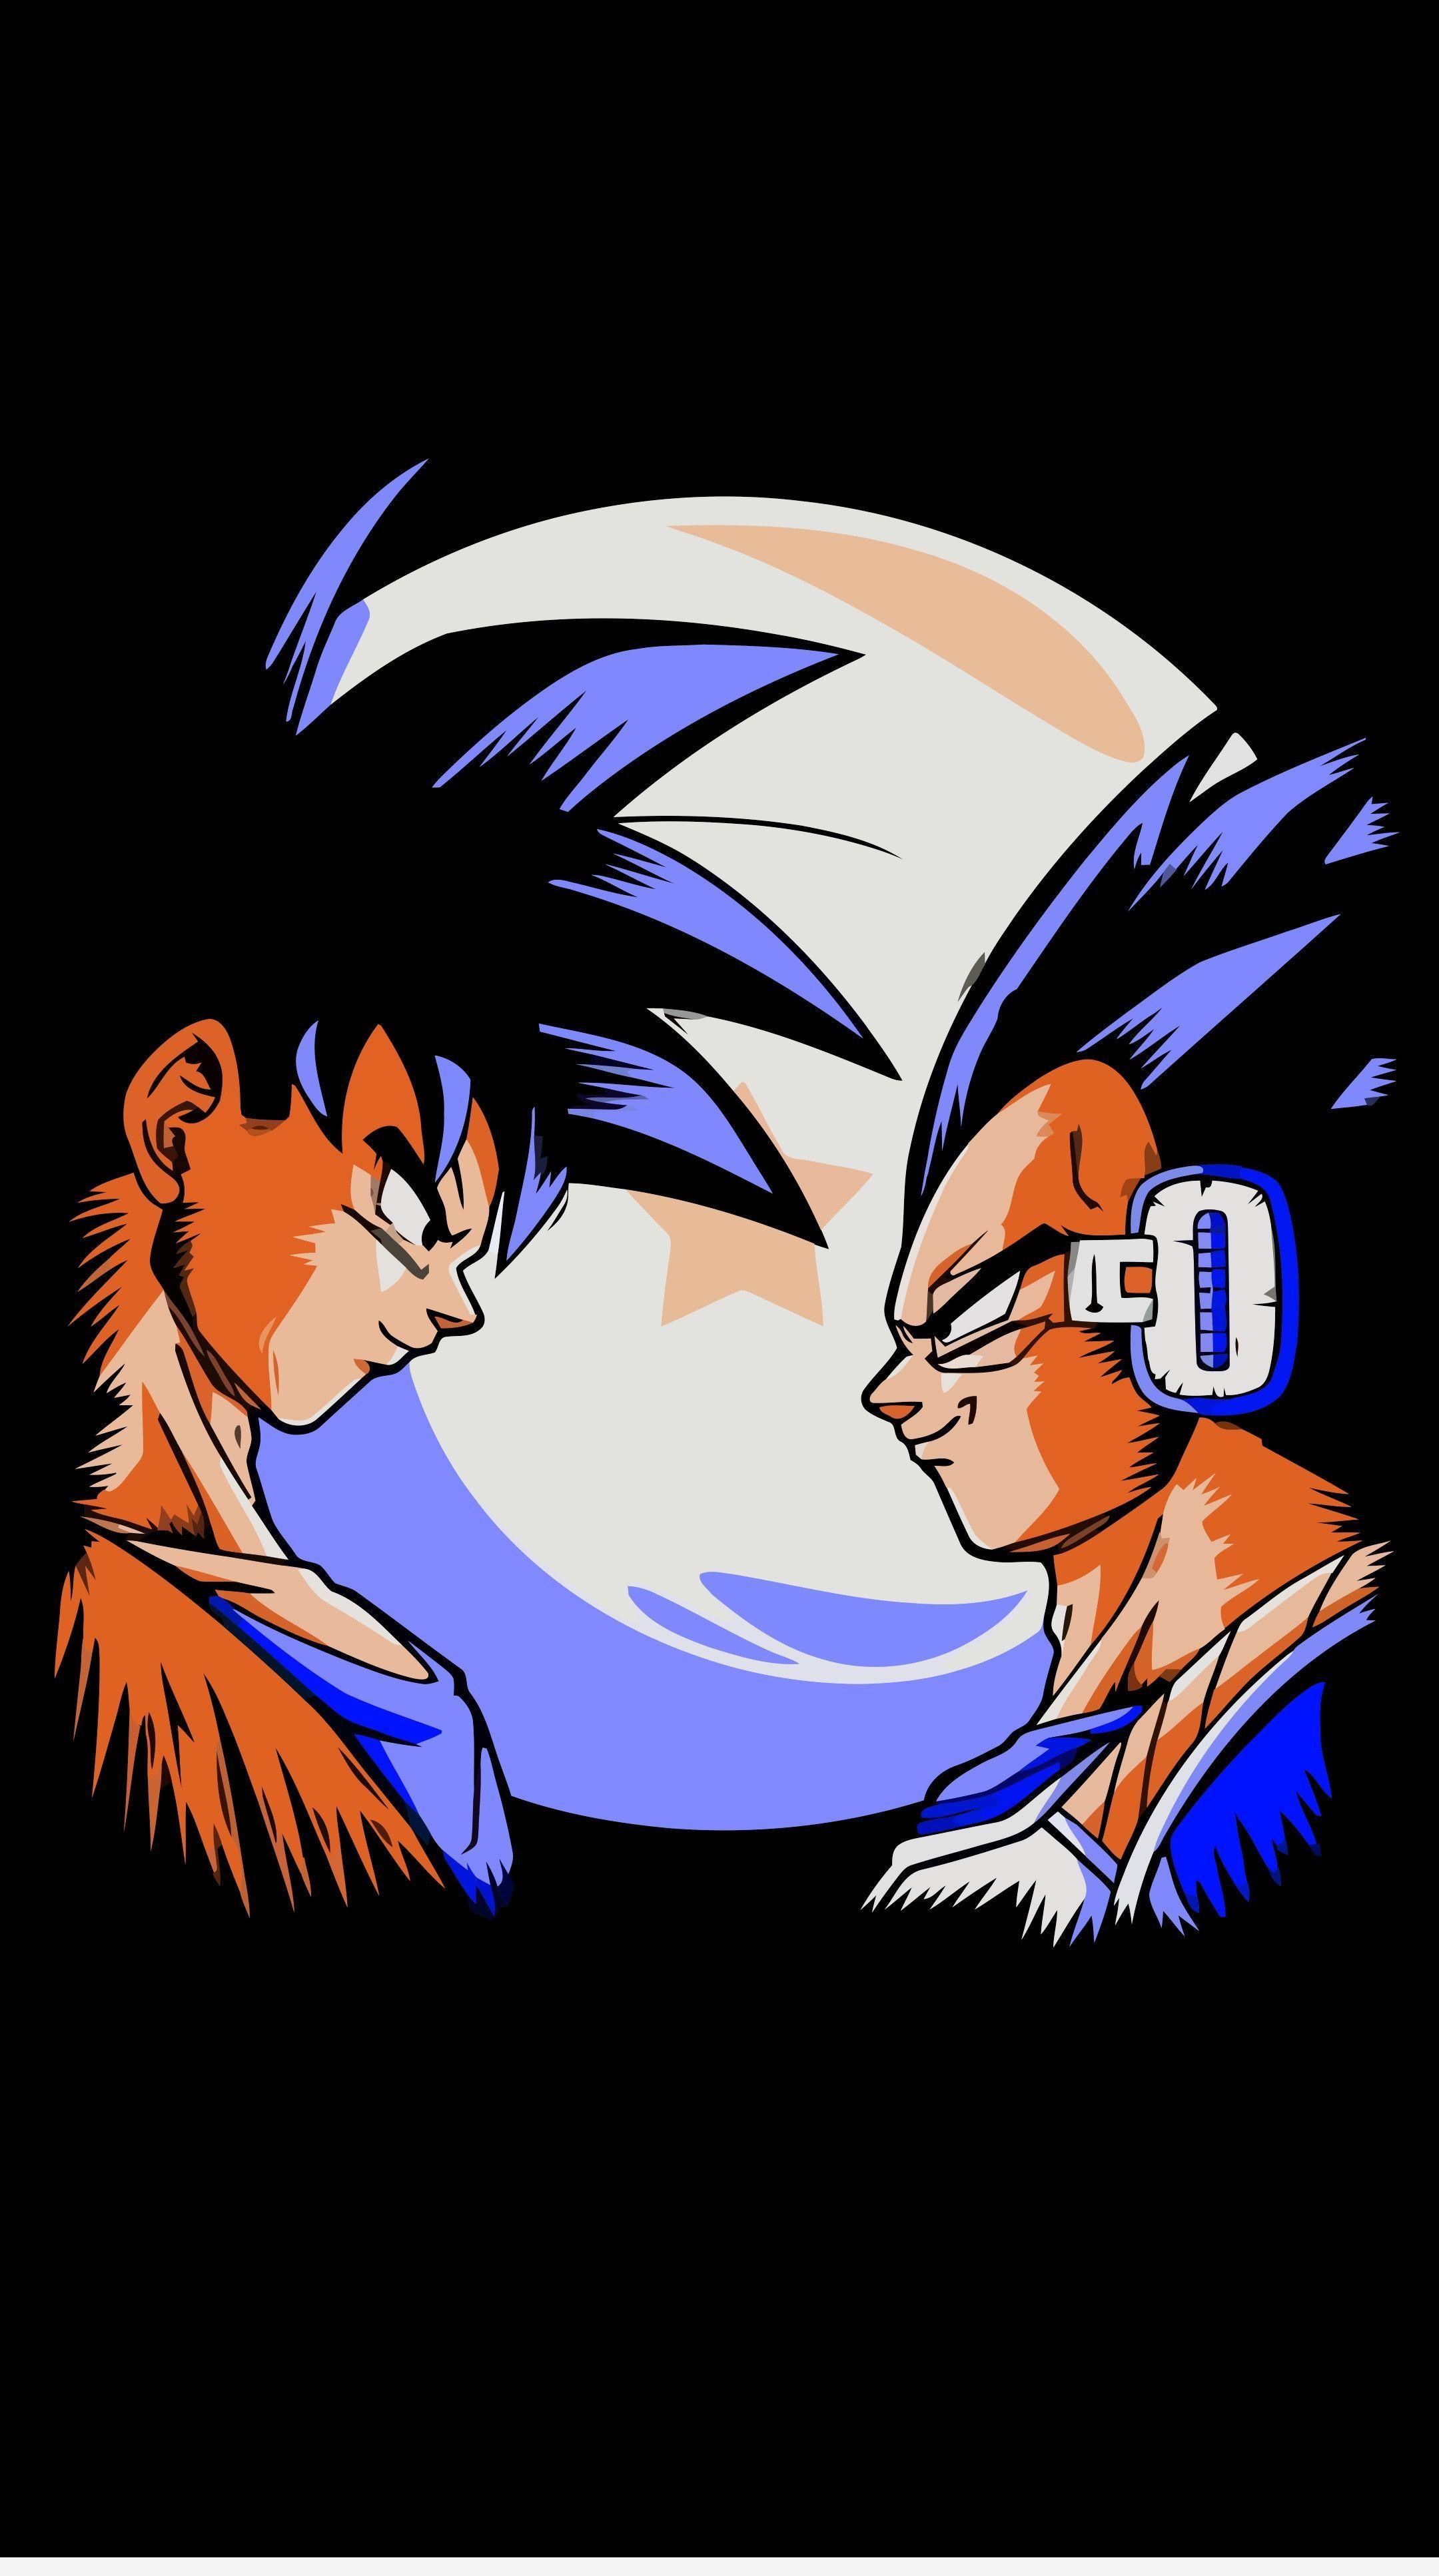 Image Result For Vegeta Phone Wallpaper Dragonball Z Dragon Ball Gt Dragonball Anime